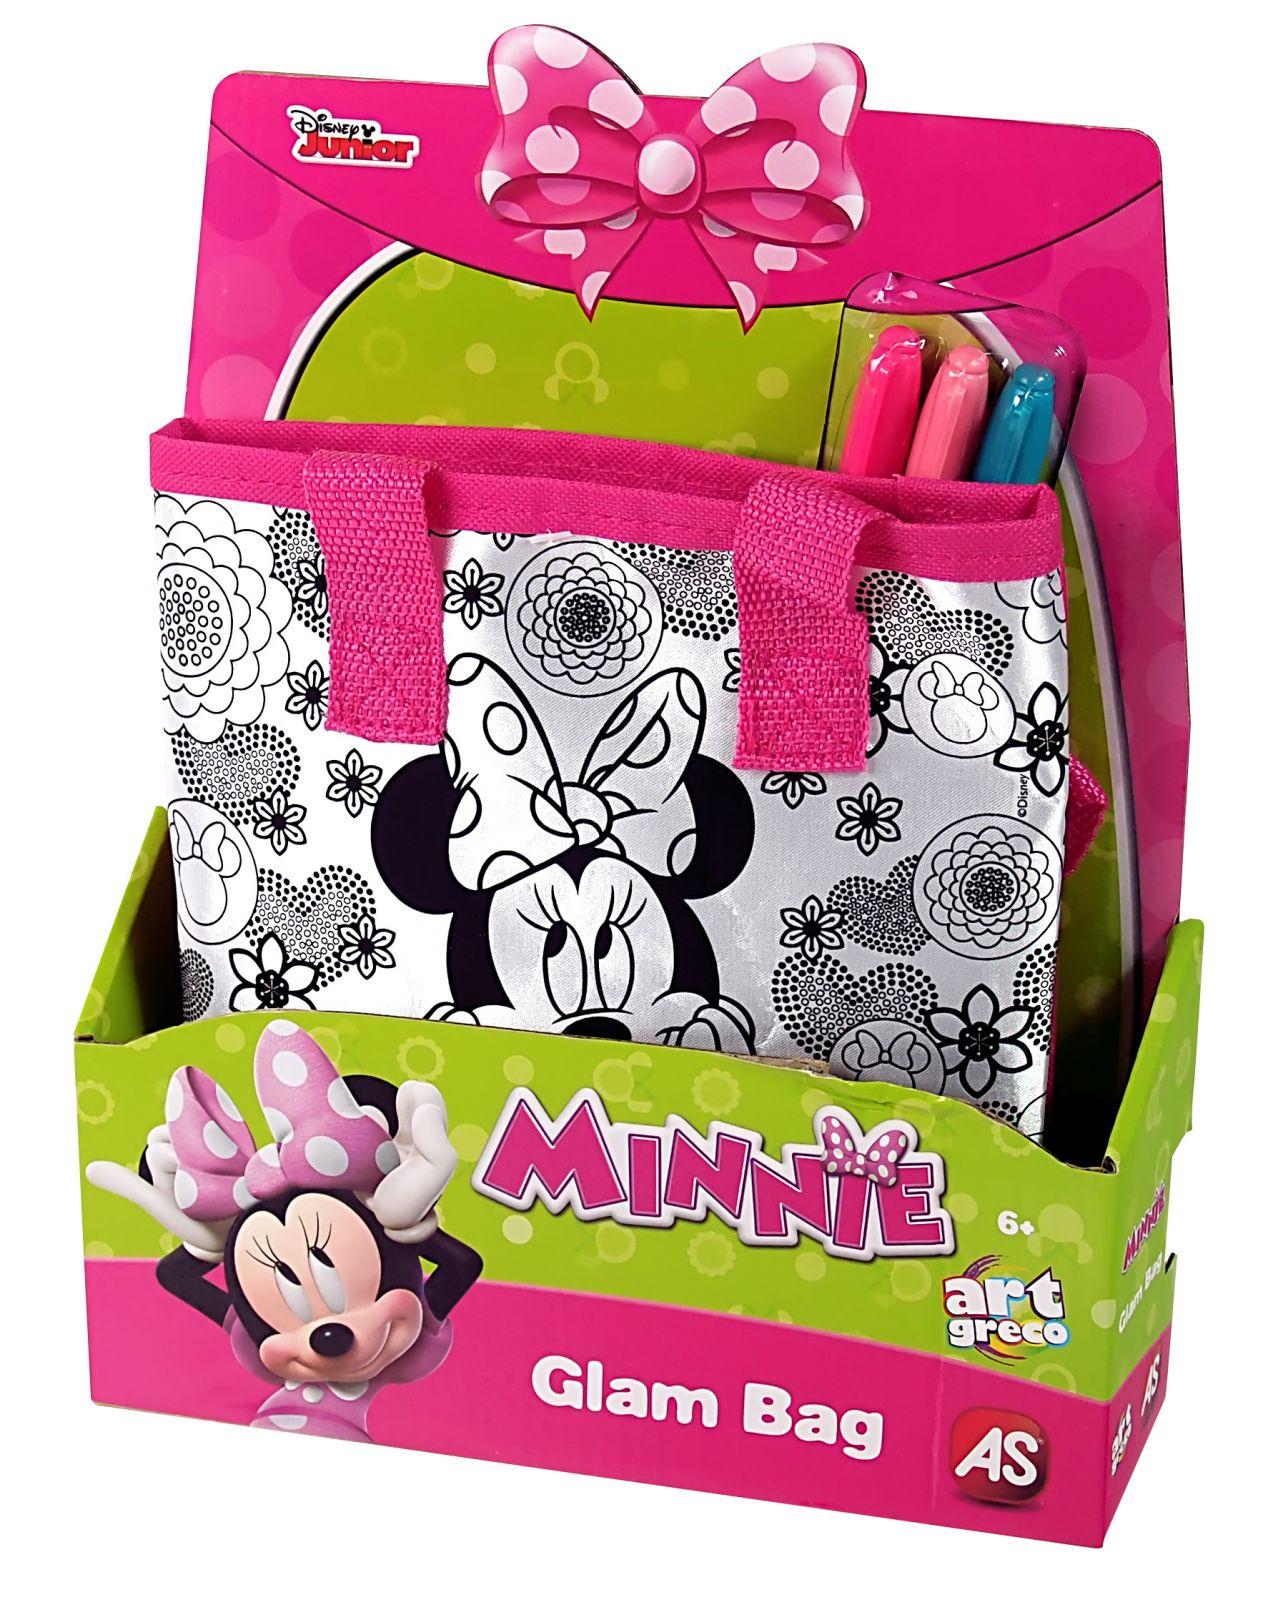 Taštička k vymalování + 3 fixy - Minnie Mouse AS Company